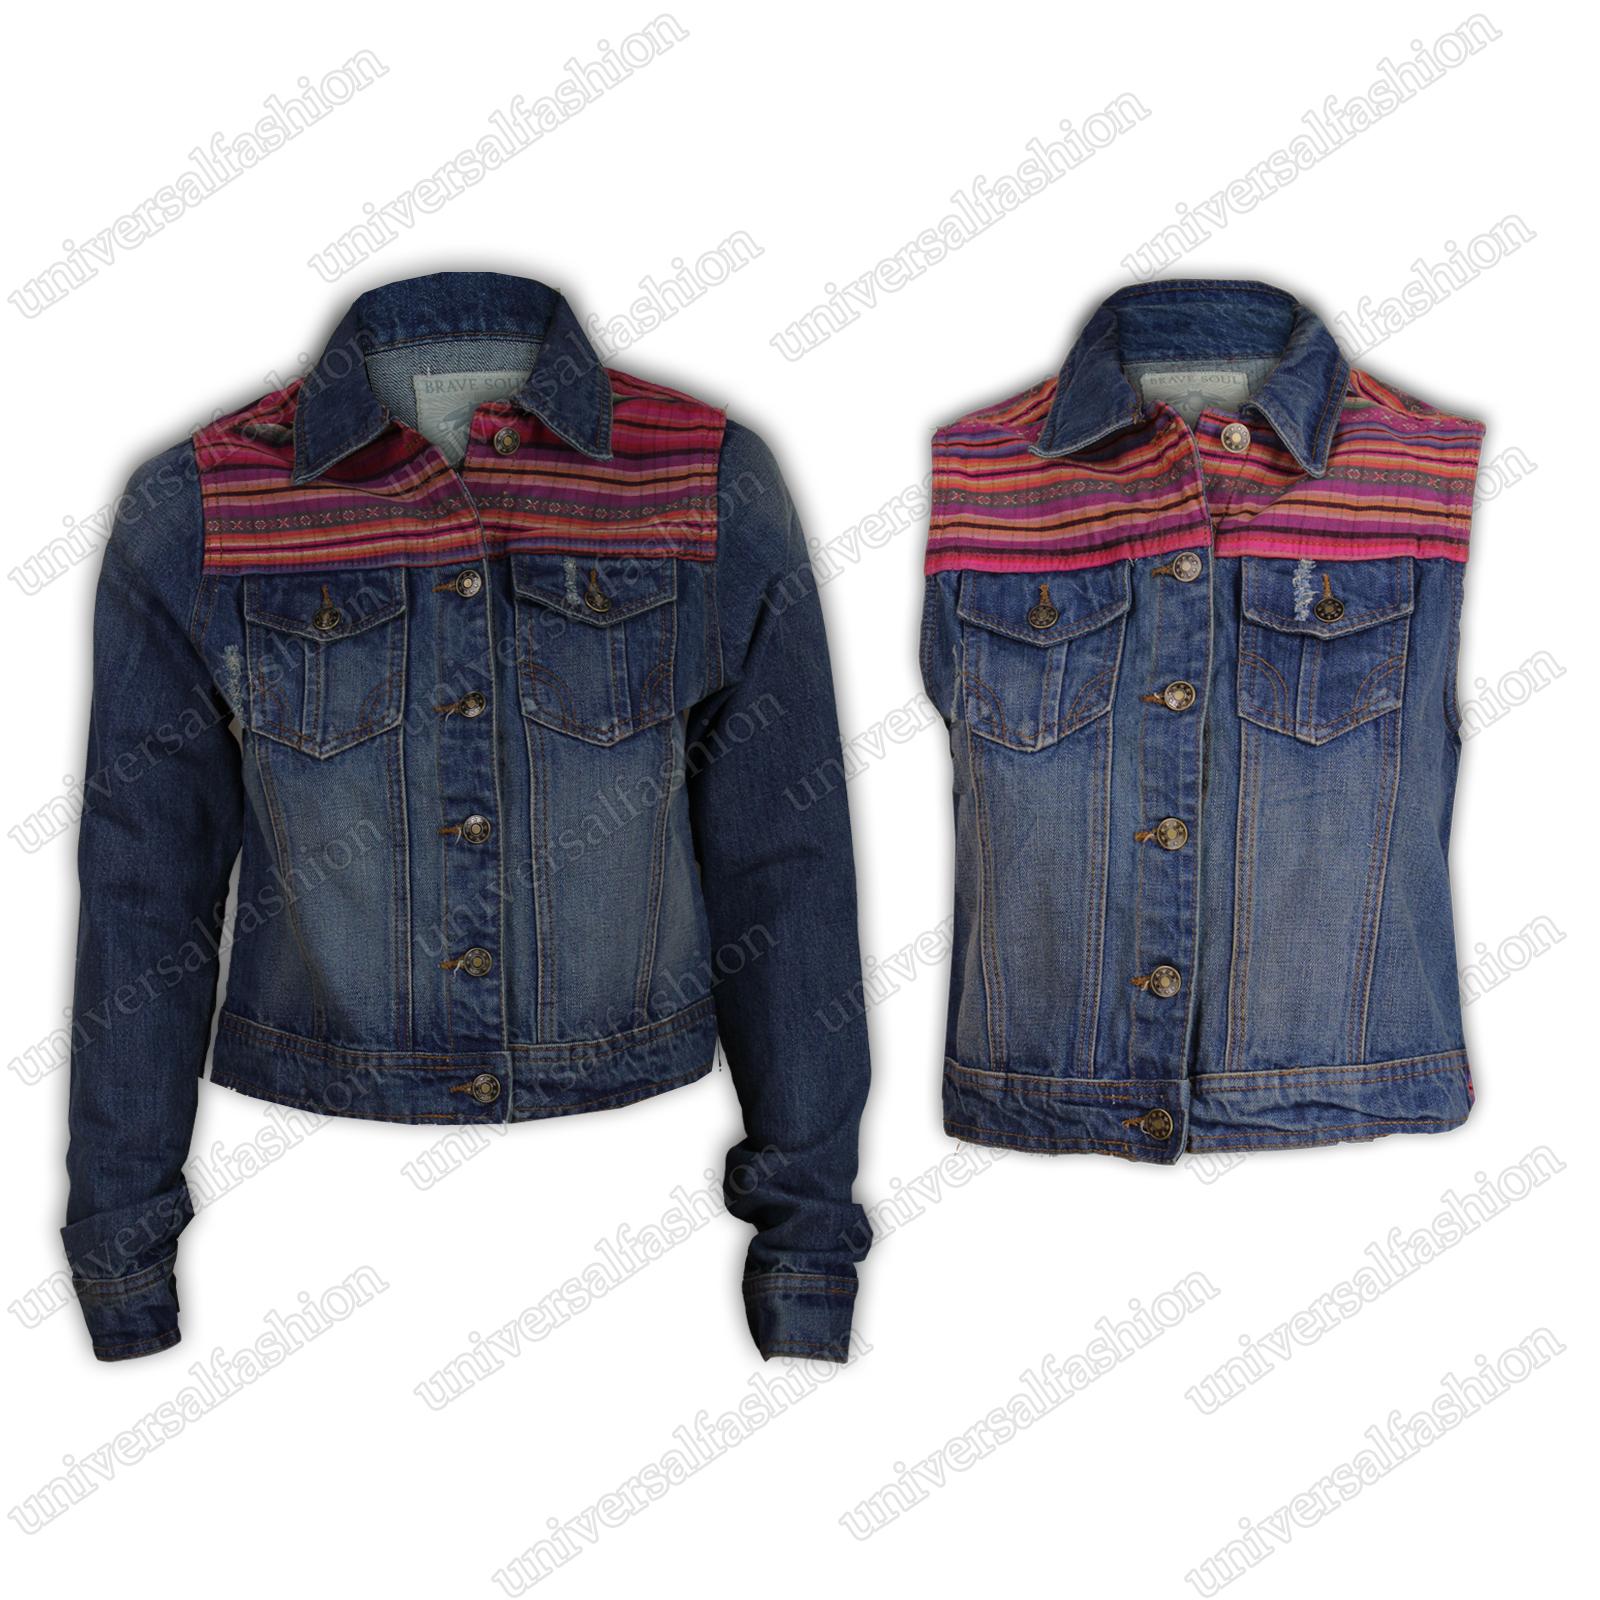 magasiner pour véritable prix attractif service durable Détails sur Mesdames veste en jean femme gilet BRAVE SOUL Jeans crop top  ripped patch ethnique- afficher le titre d'origine